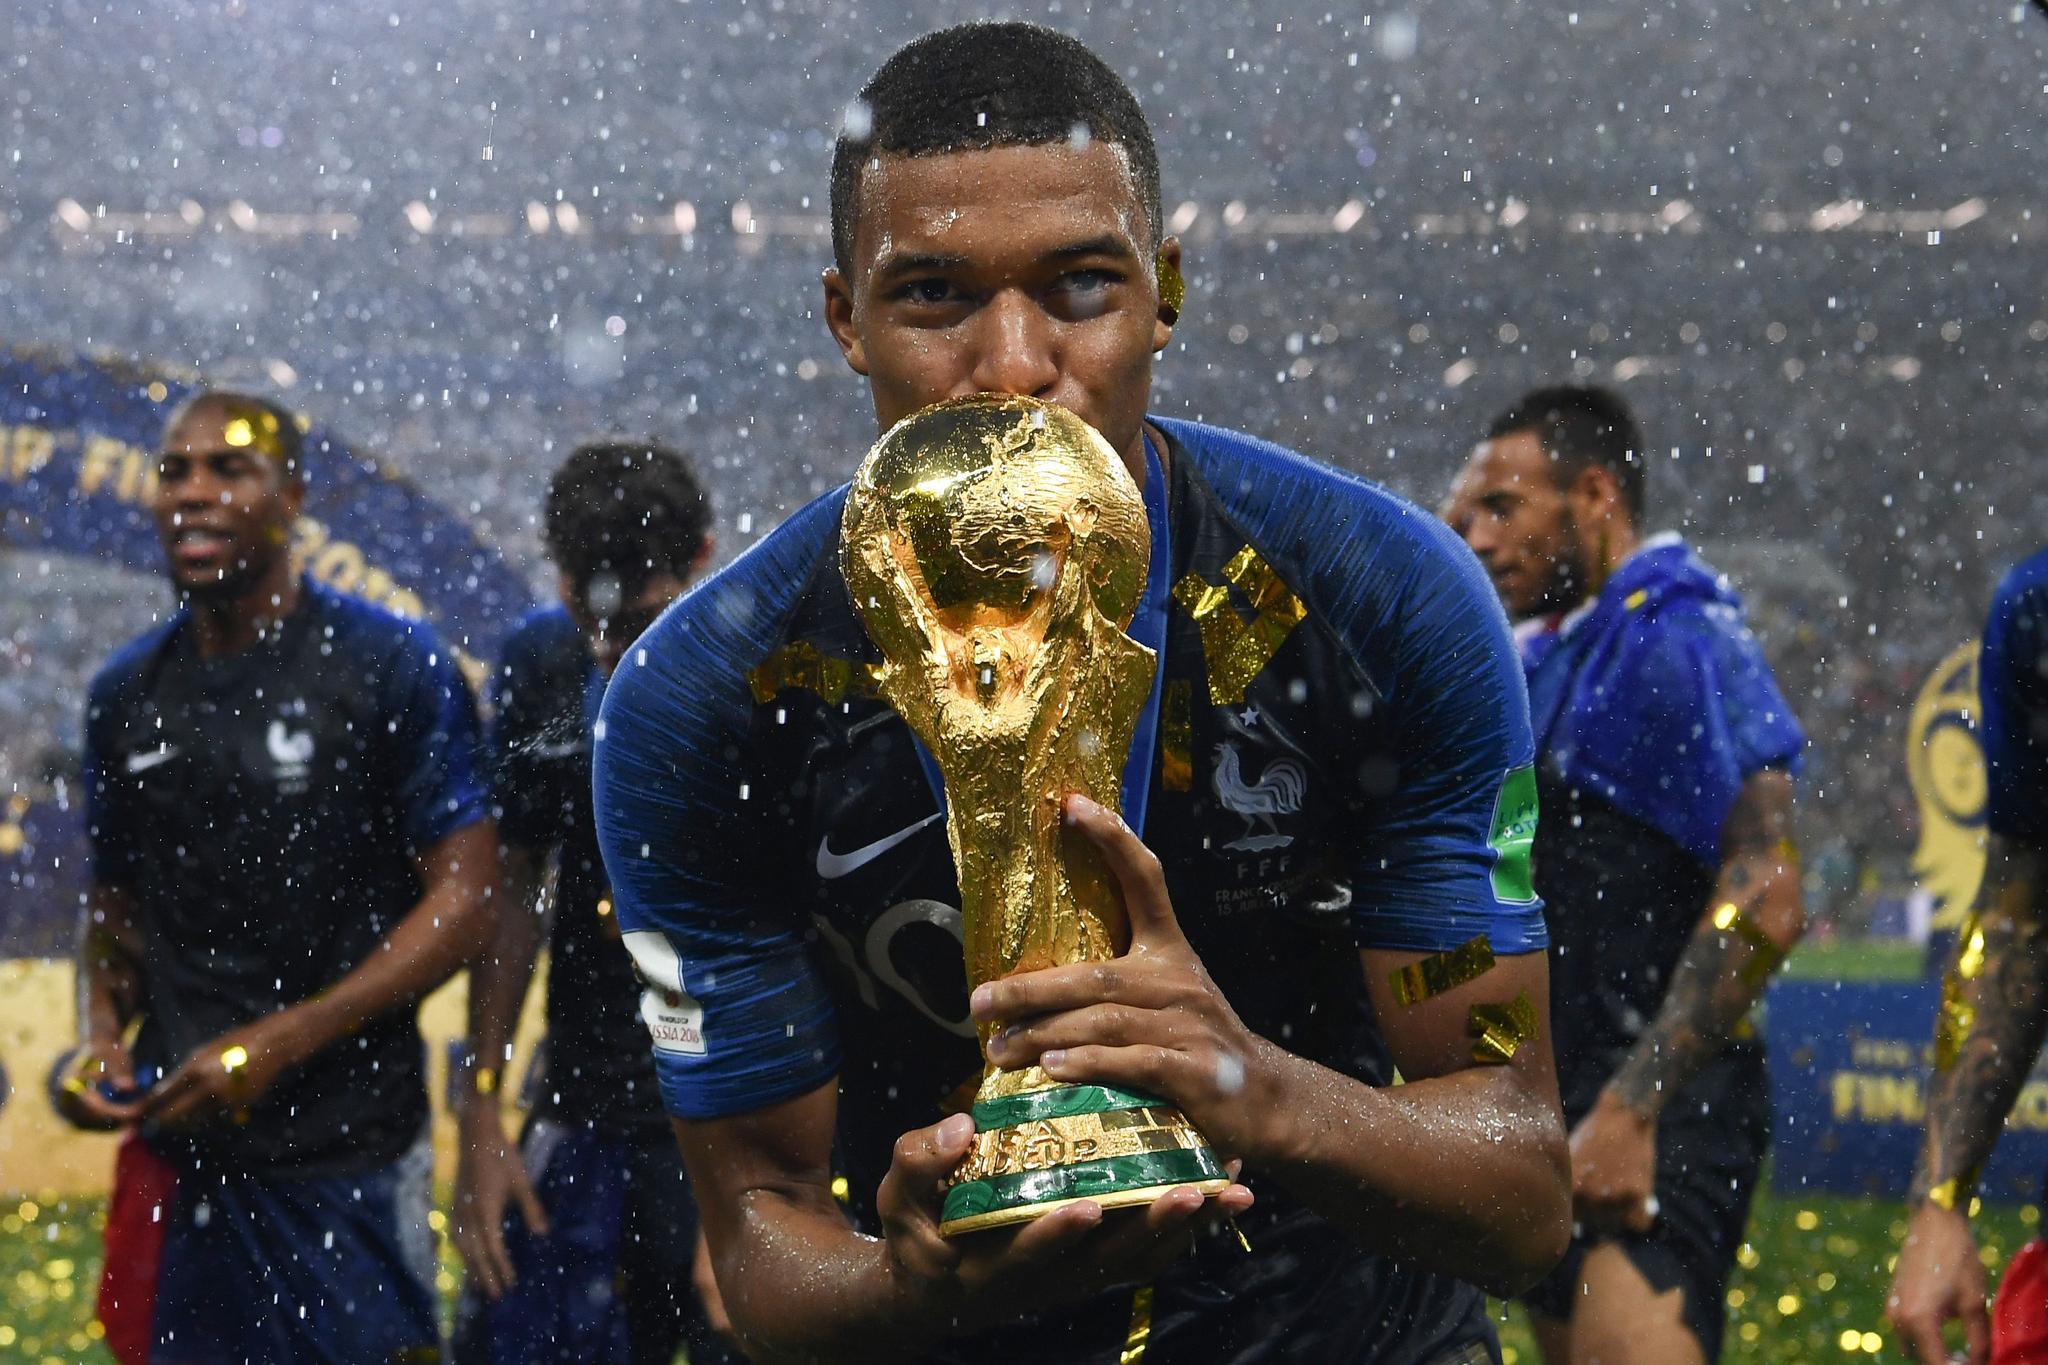 7월 15일 모스크바에서 열린 결승전에서 크로아티아를 꺾고 우승한 프랑스의 공격수 음바페가 월드컵 트로피에 입맞춤하고 있다. [AFP=연합뉴스]